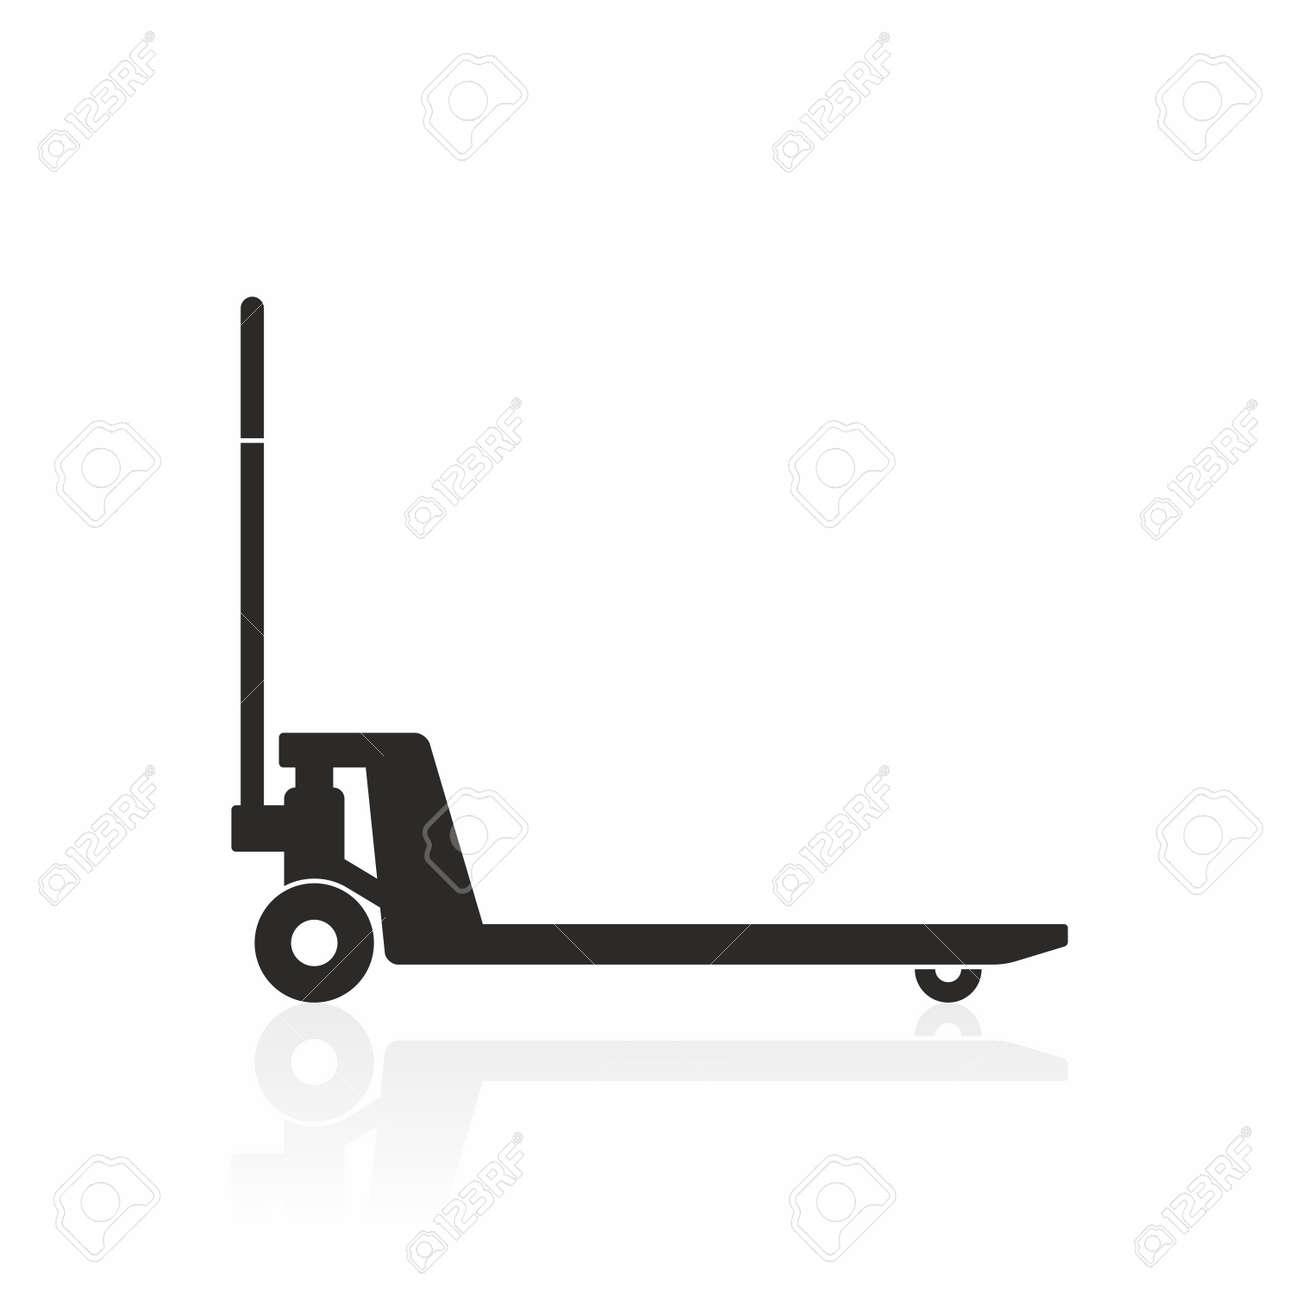 Hand pallet truck icon - 55492493